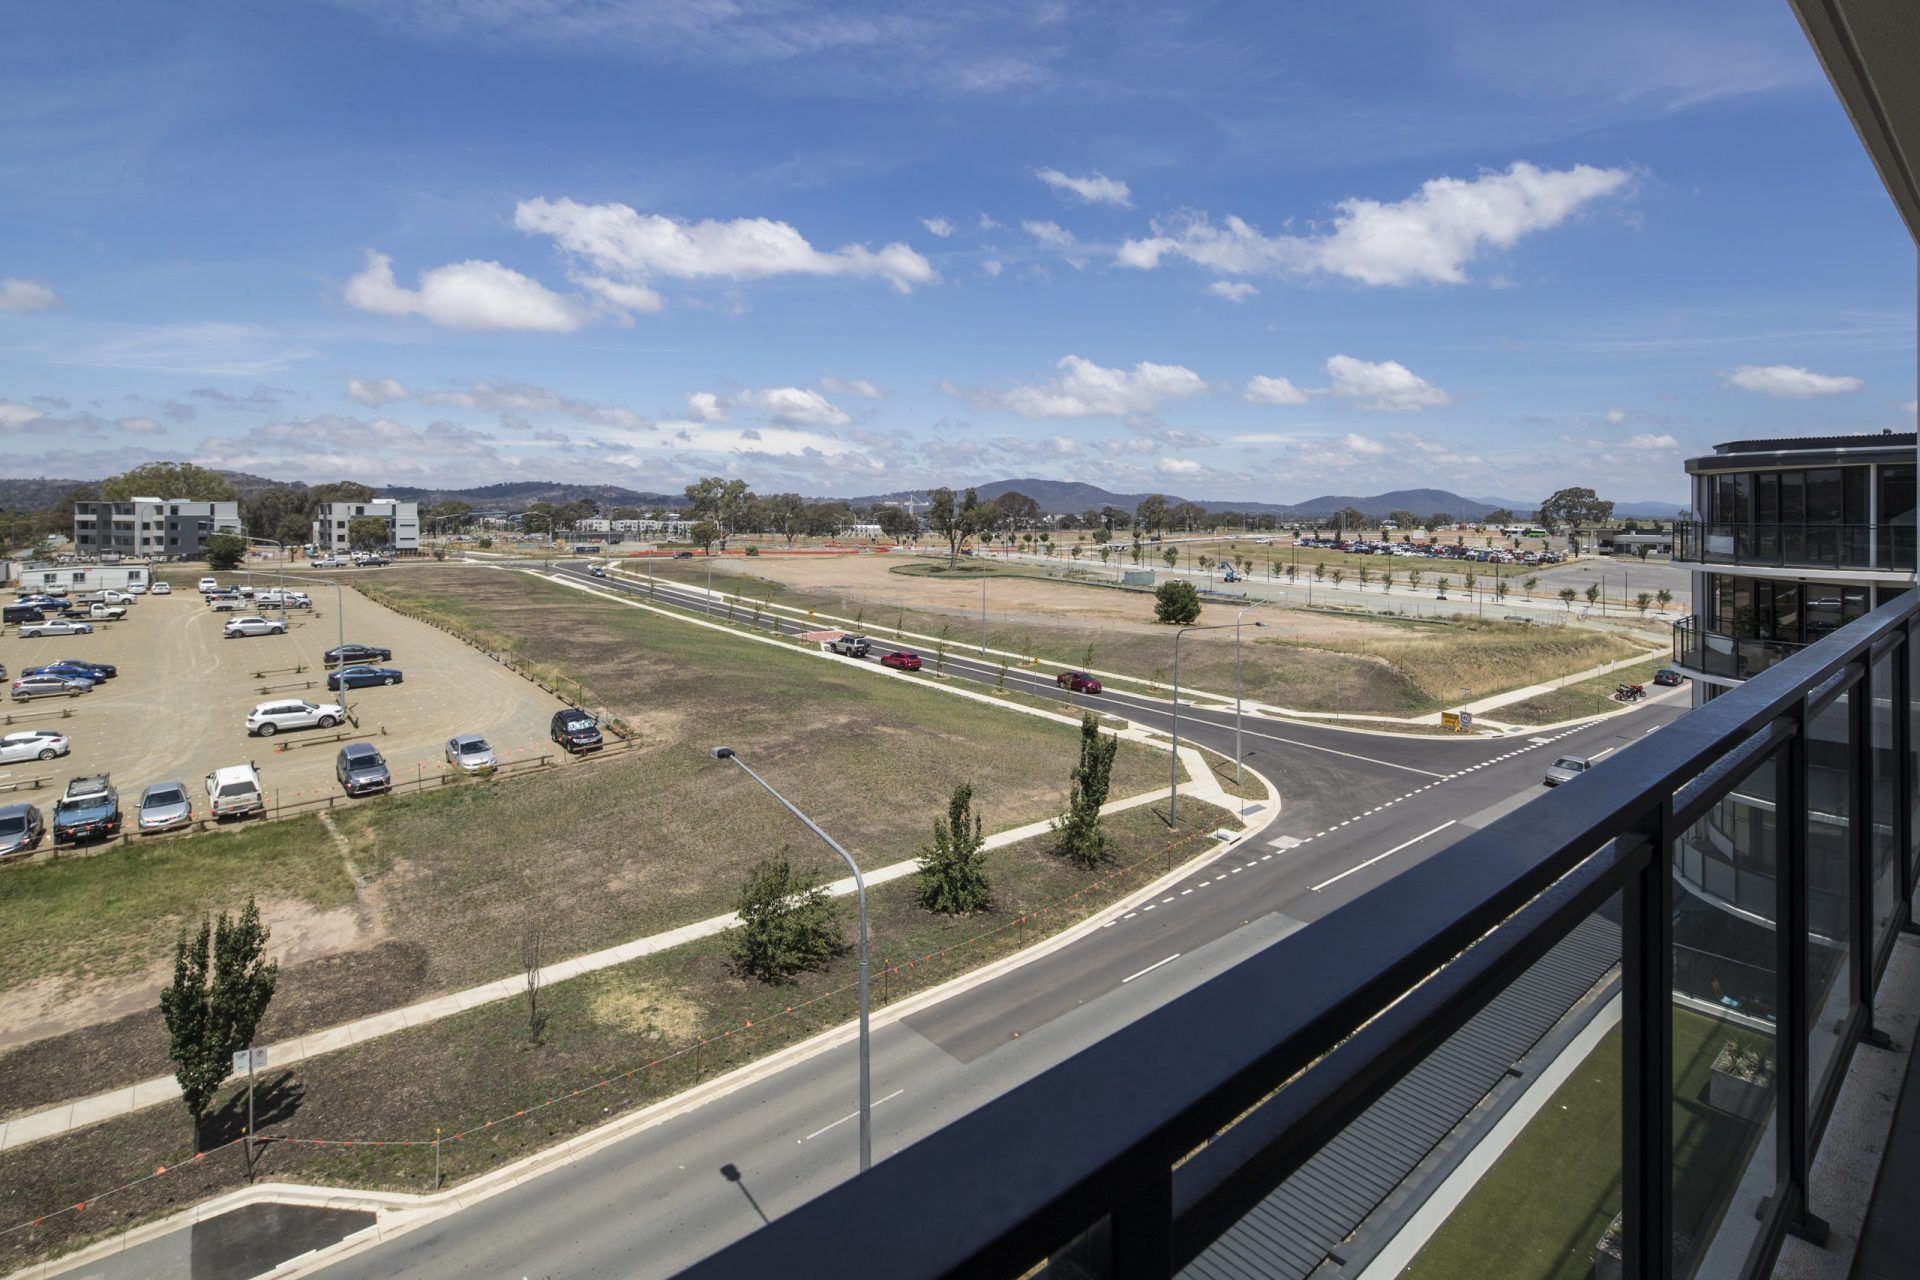 Photo: Photox - Canberra Photography Services - www.facebook.com/photoxben